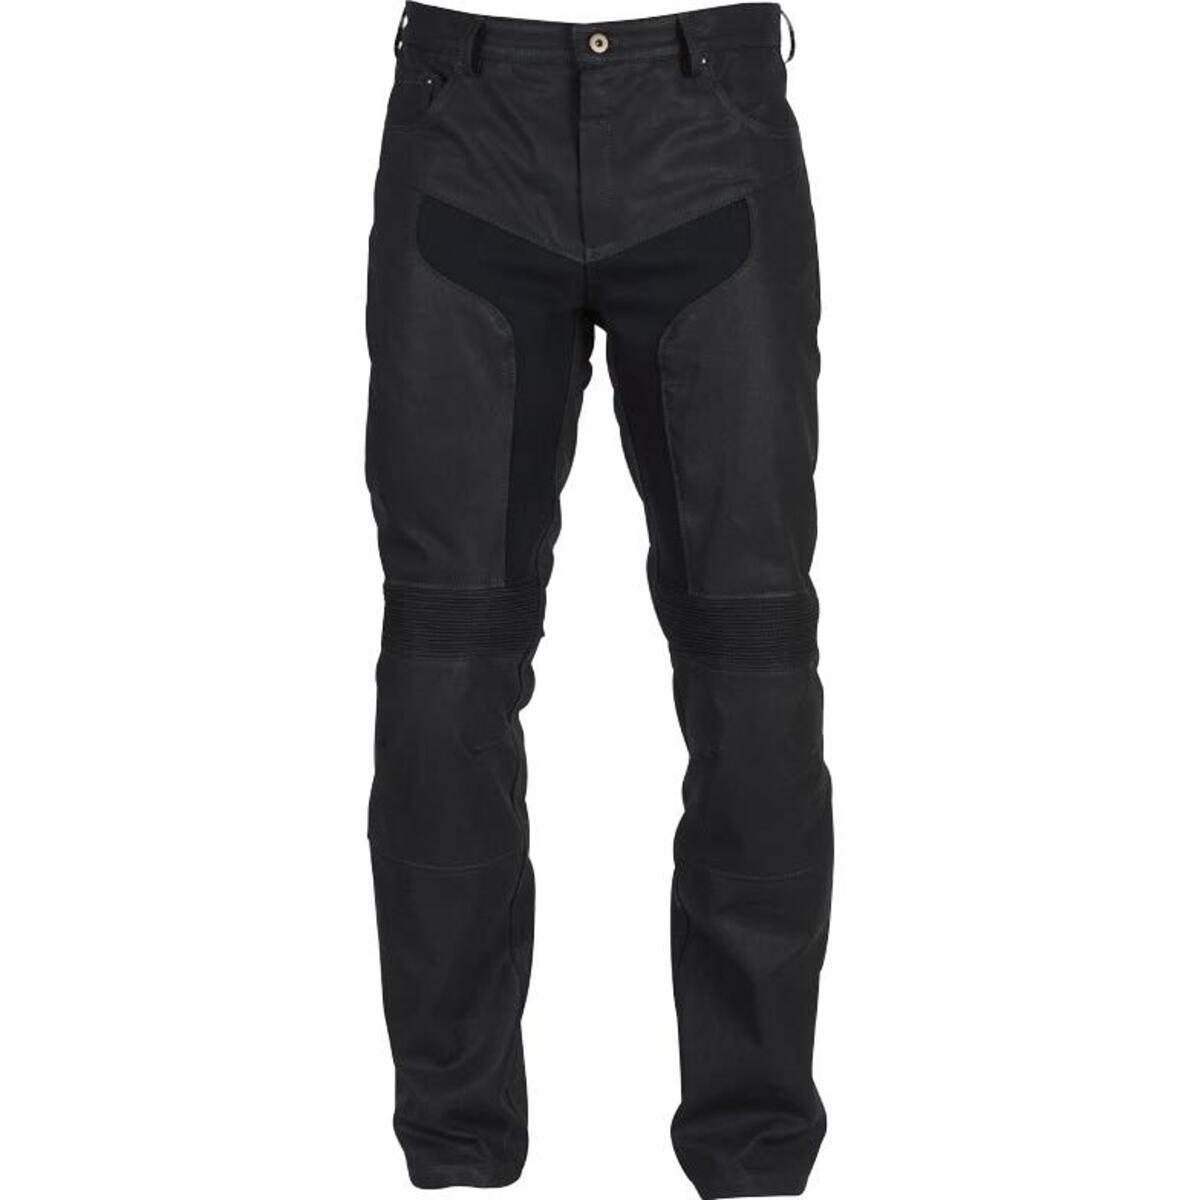 Bild 2 von Furygan Jeans DH schwarz Herren Größe 50